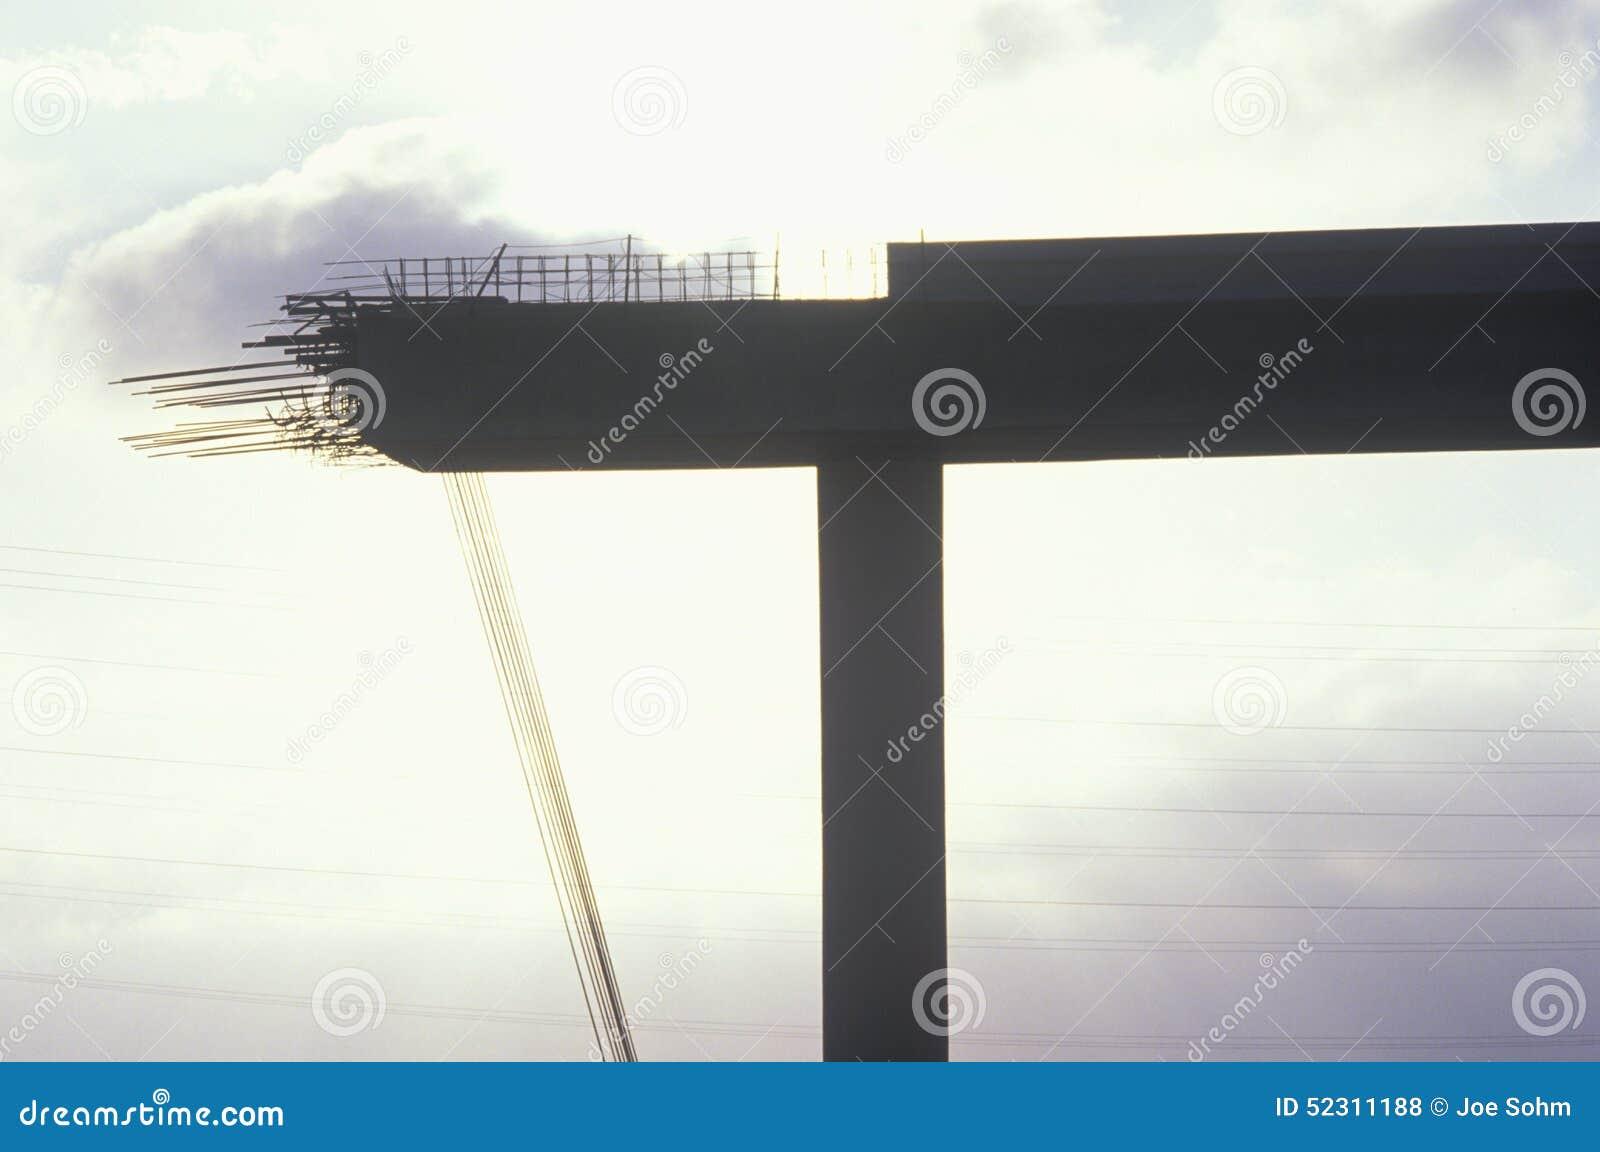 Конкретная структура скоростного шоссе кончаясь скачком с железной поддержкой составляет вставлять вне до тех пор пока более даль